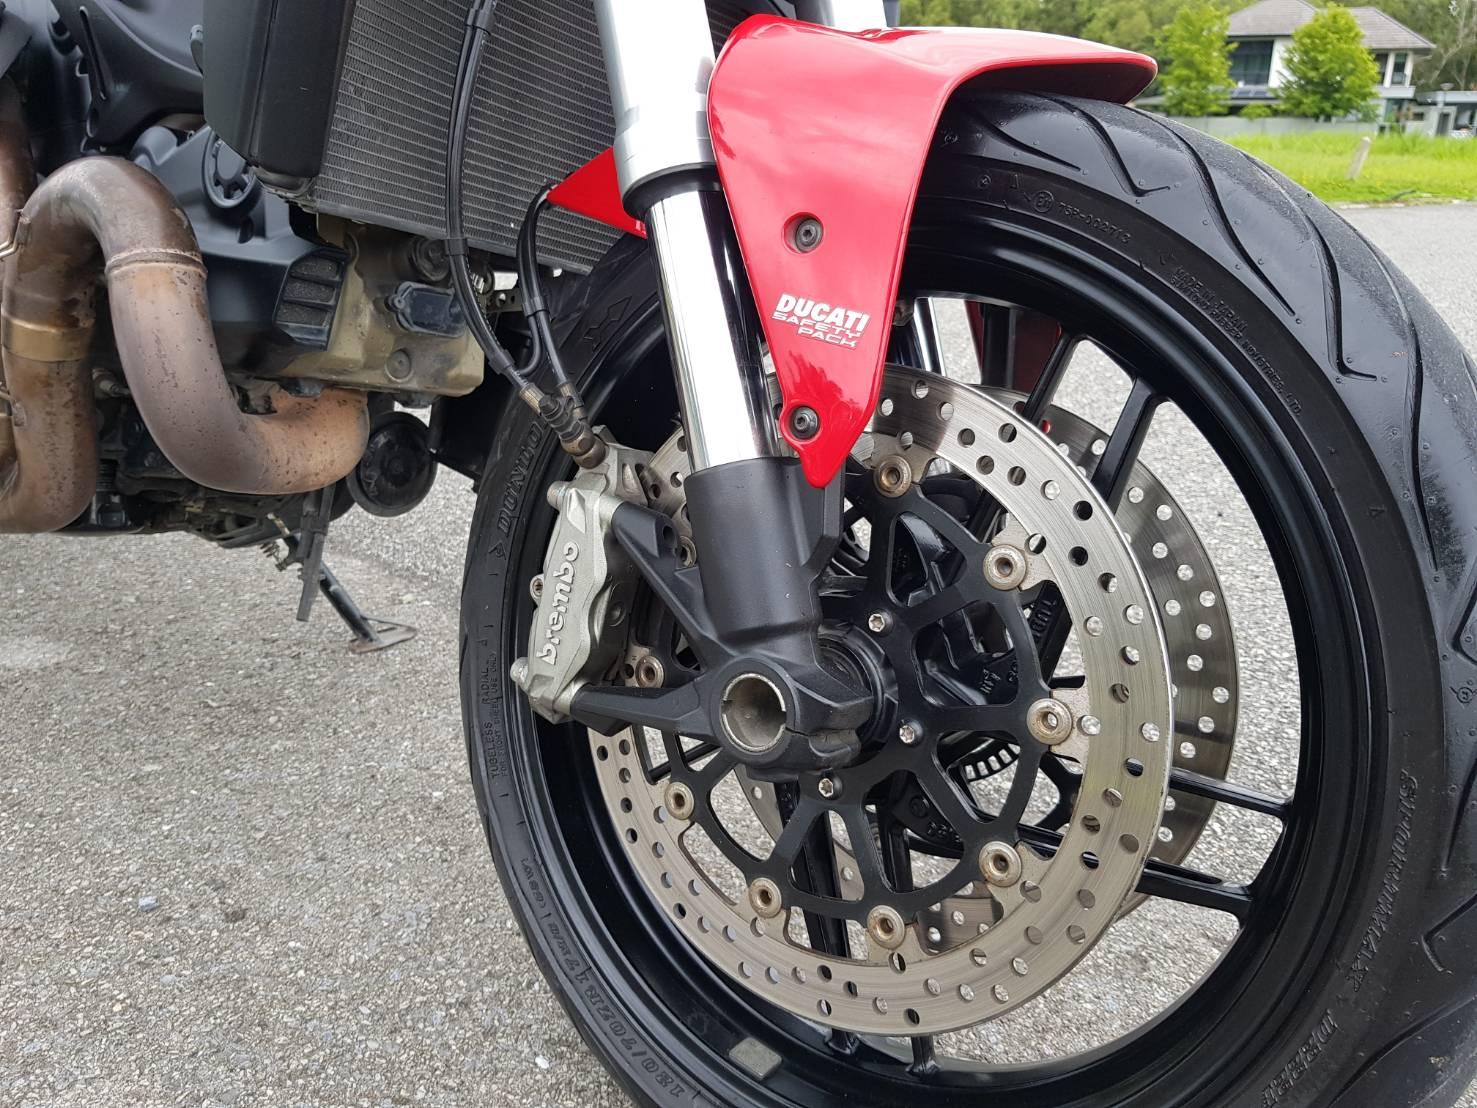 Ducati_Monster_ 821_(37)